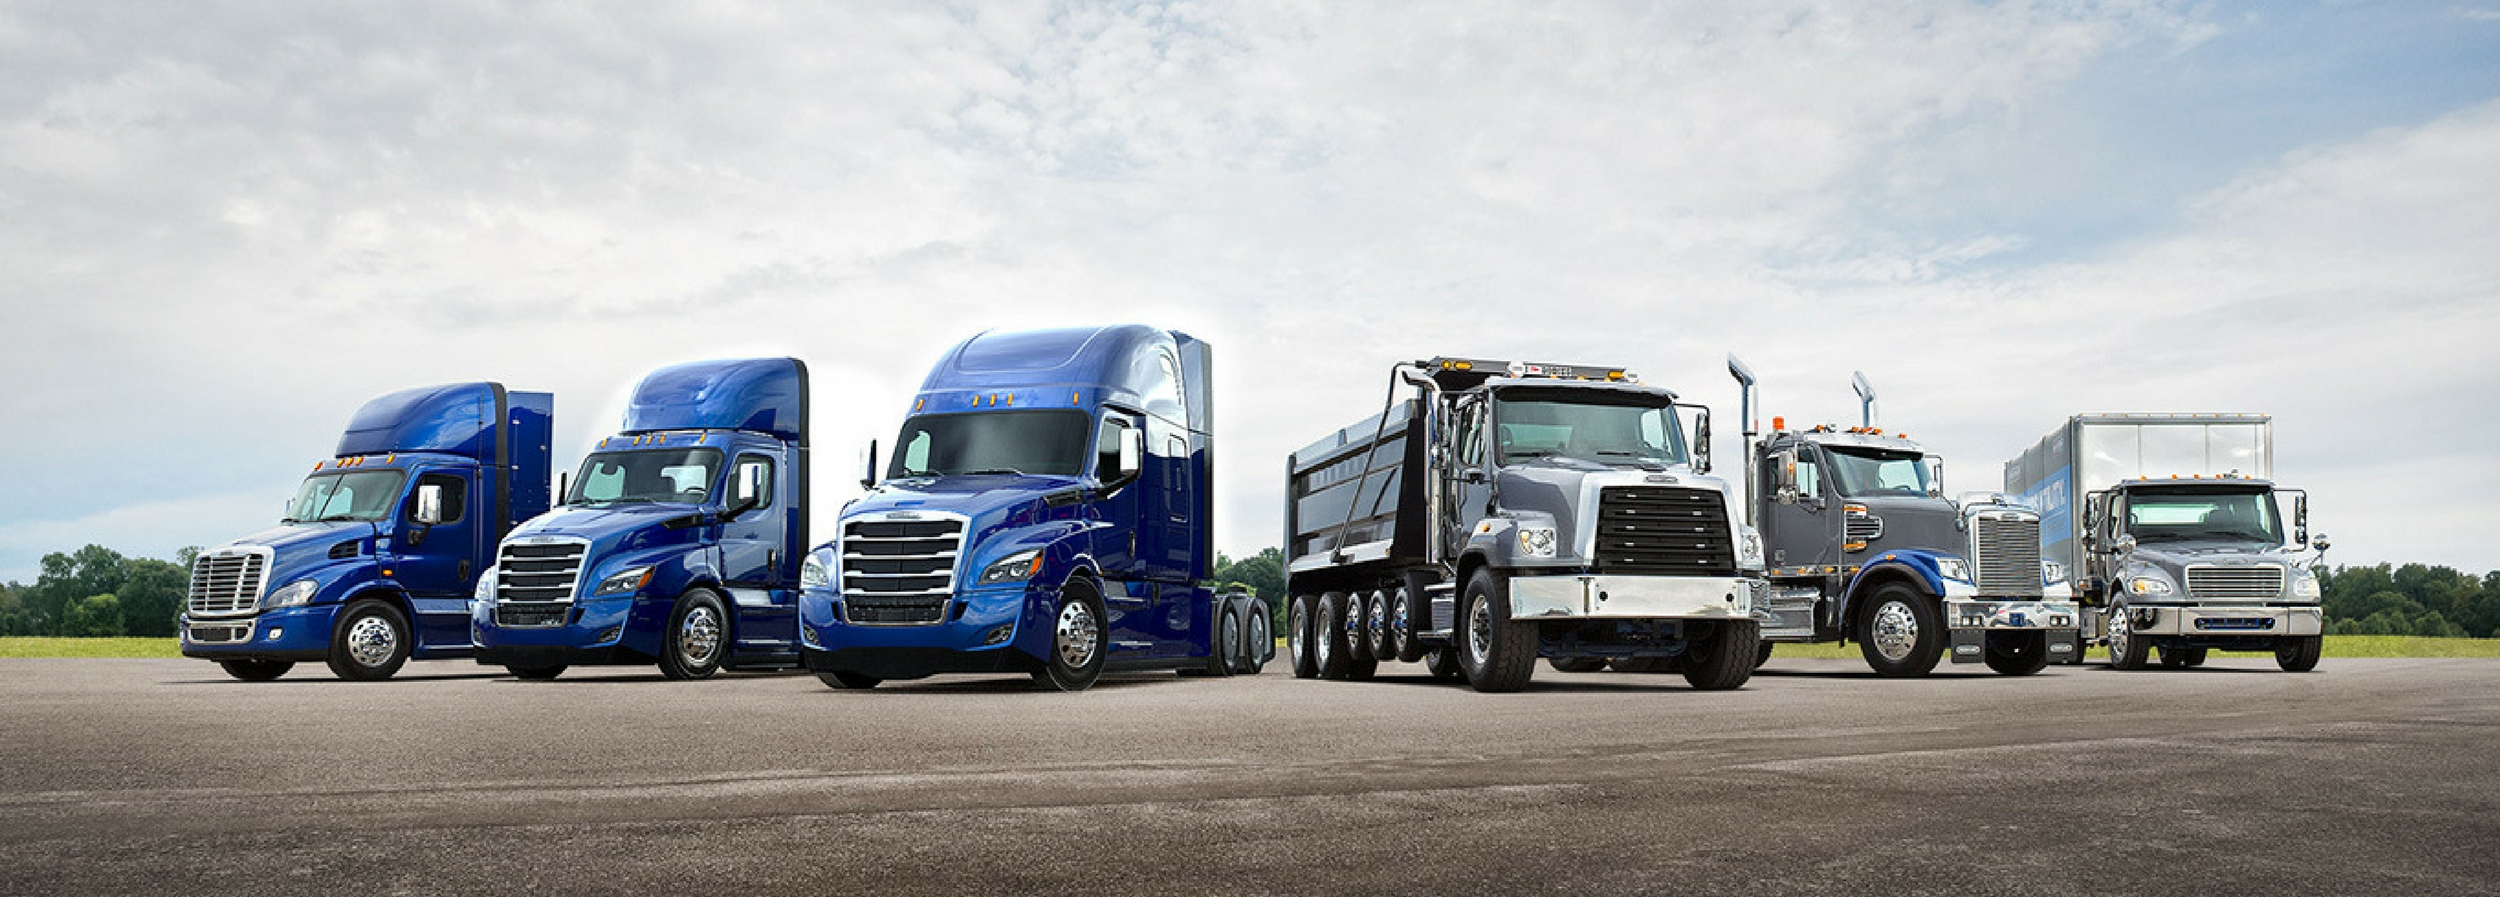 Daimler Trucks North America | Daimler